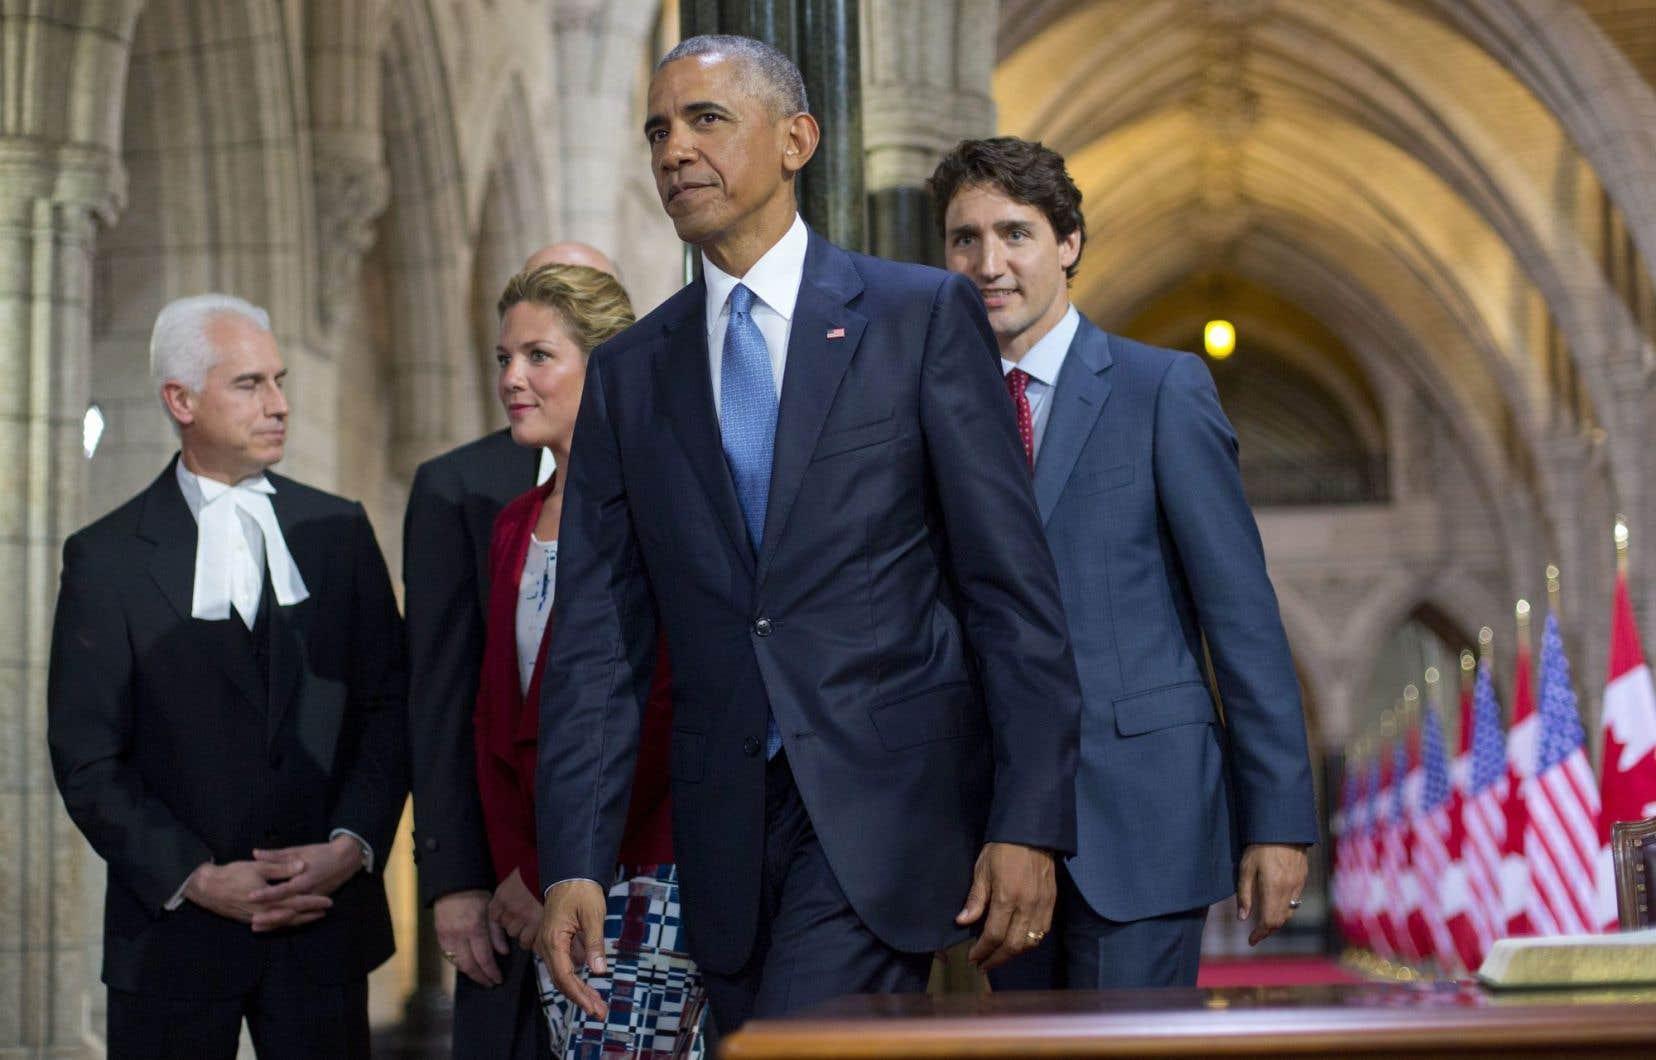 Le président américain Barack Obama à son arrivée au Parlement mercredi, en compagnie de Justin Trudeau et de Sophie Grégoire.